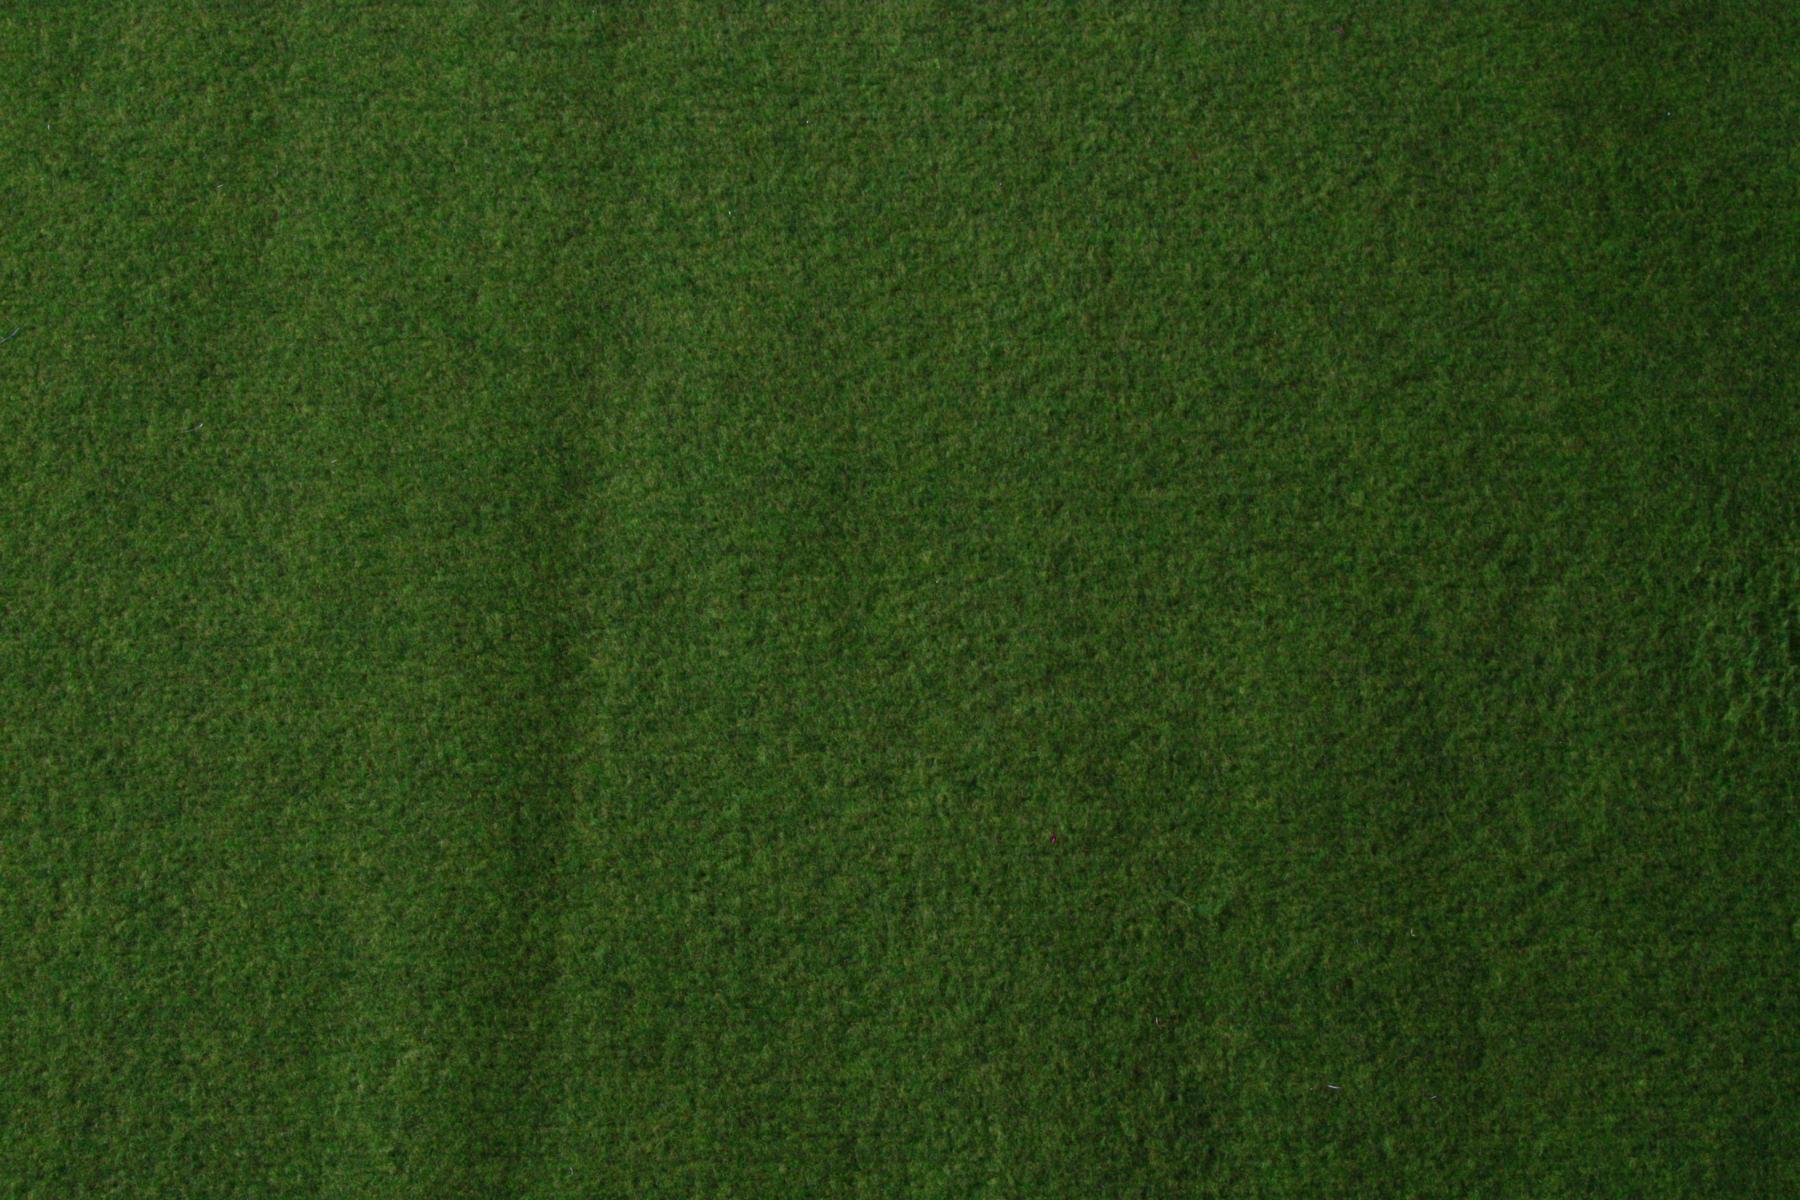 Tapis gazon pelouse artificielle standard vert 2 m largeur - Tapis herbe artificielle ...